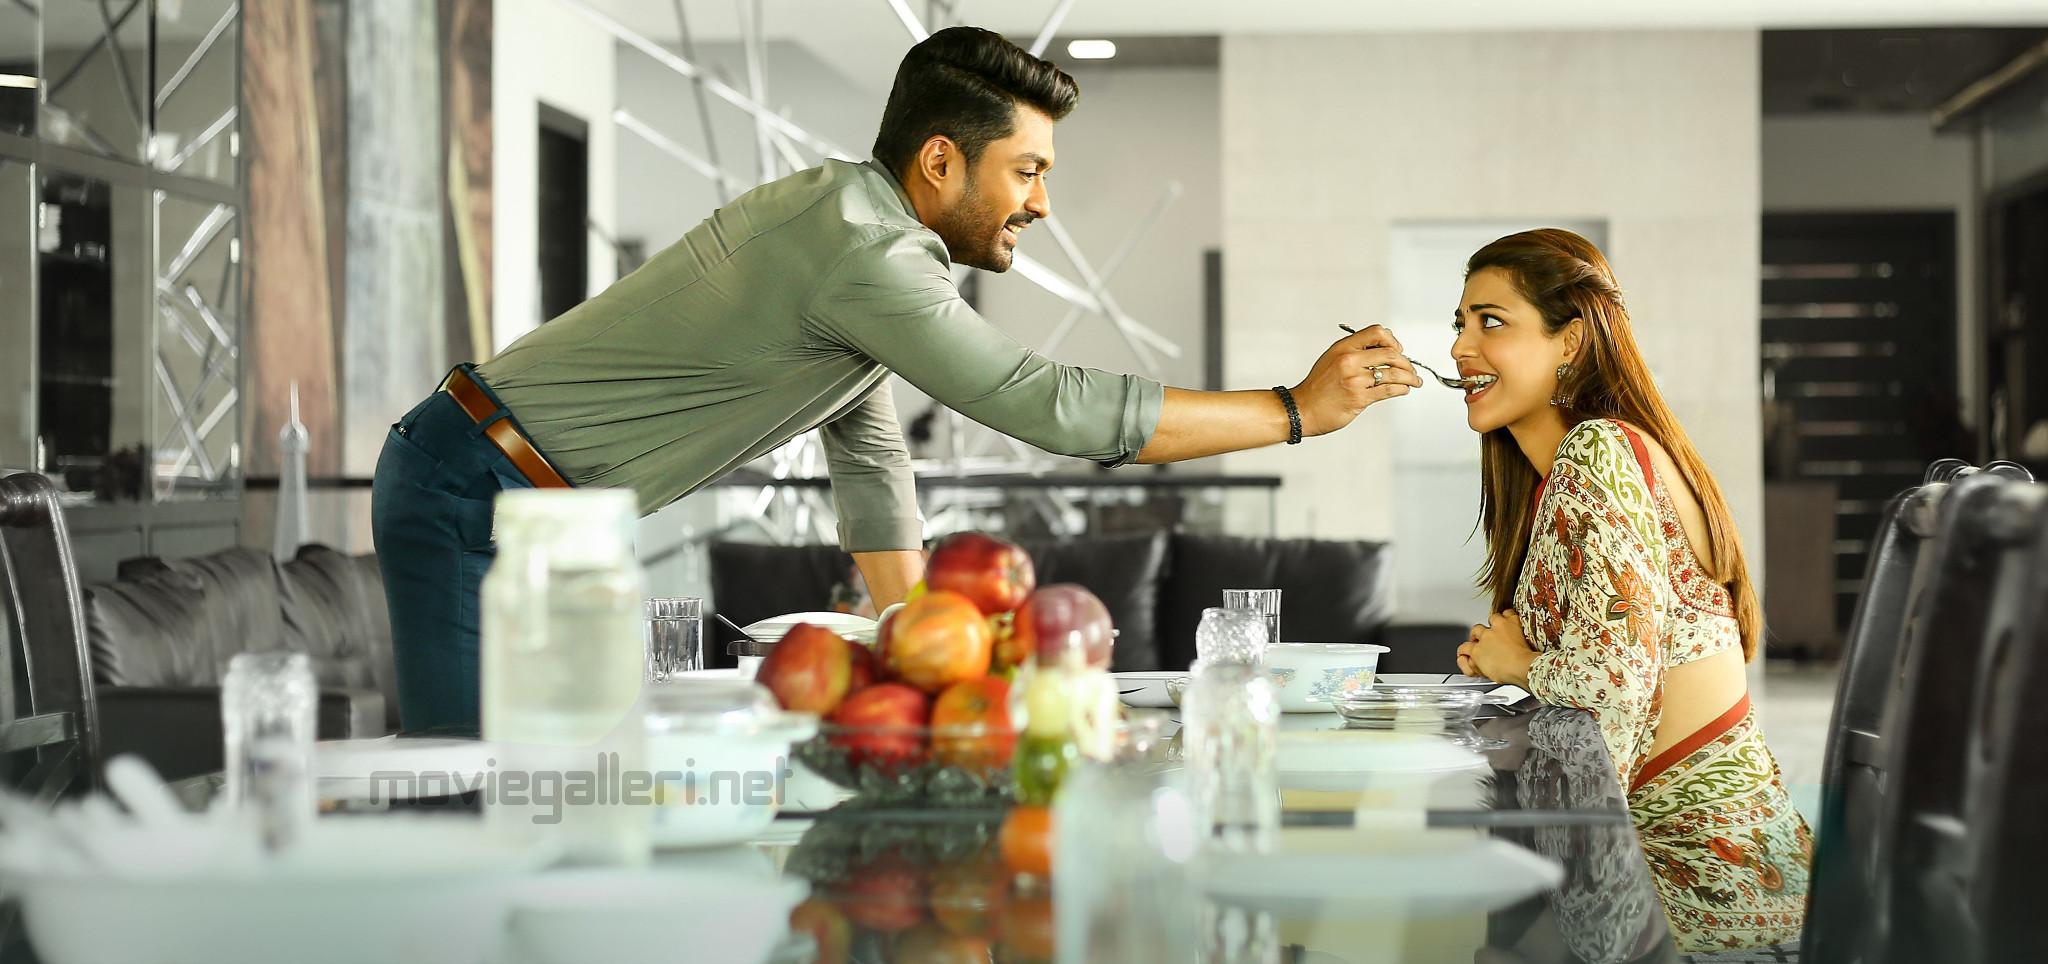 Nandamuri Kalyan Ram, Kajal Agarwal in MLA Movie Stills HD